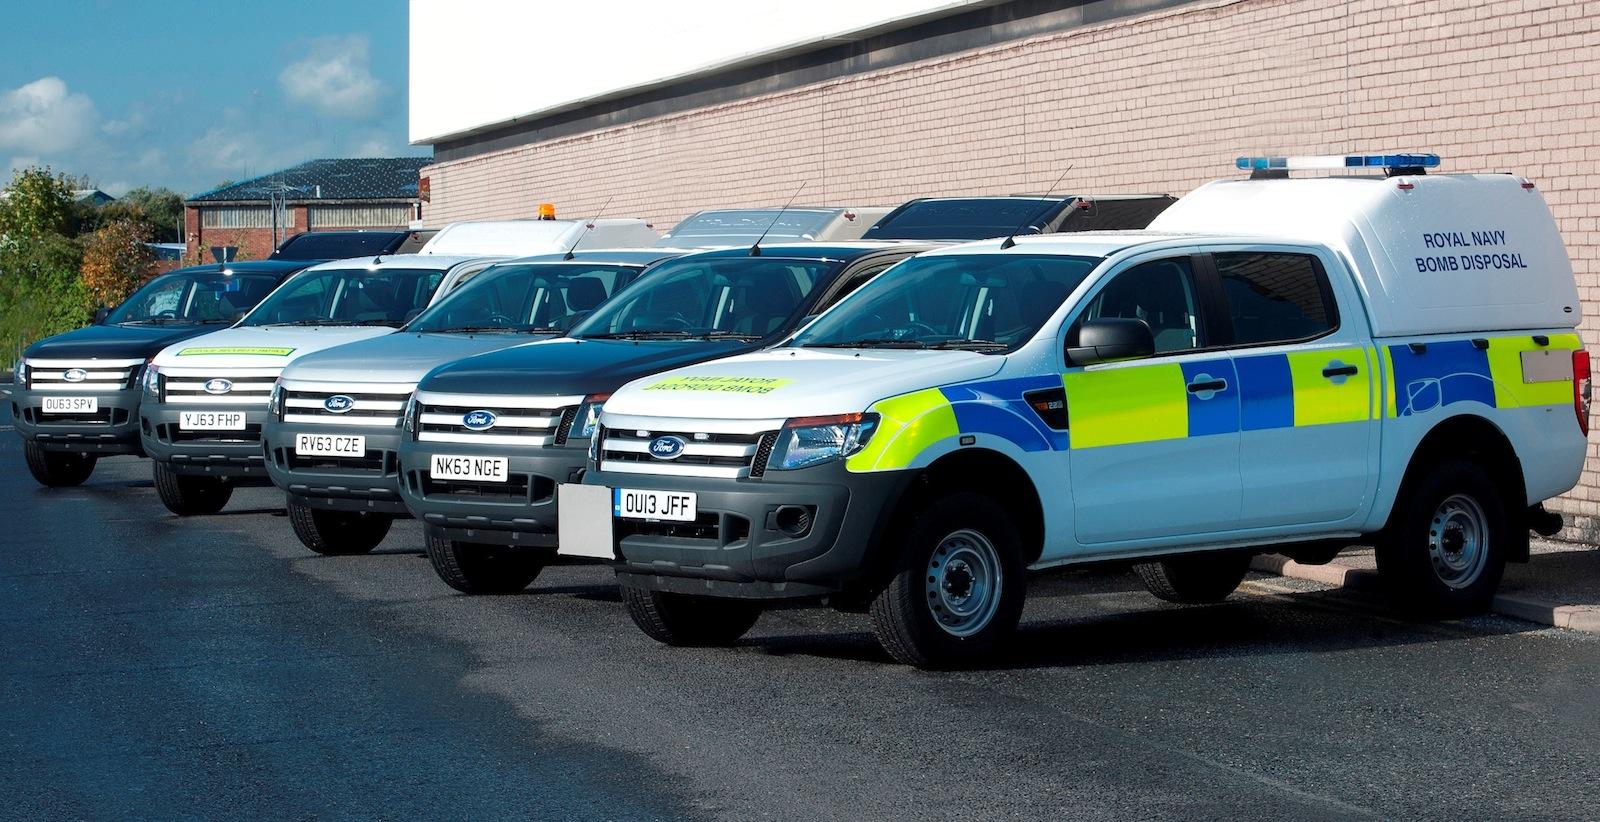 Ford ranger australian developed ute joins uk military fleet photos 1 of 3